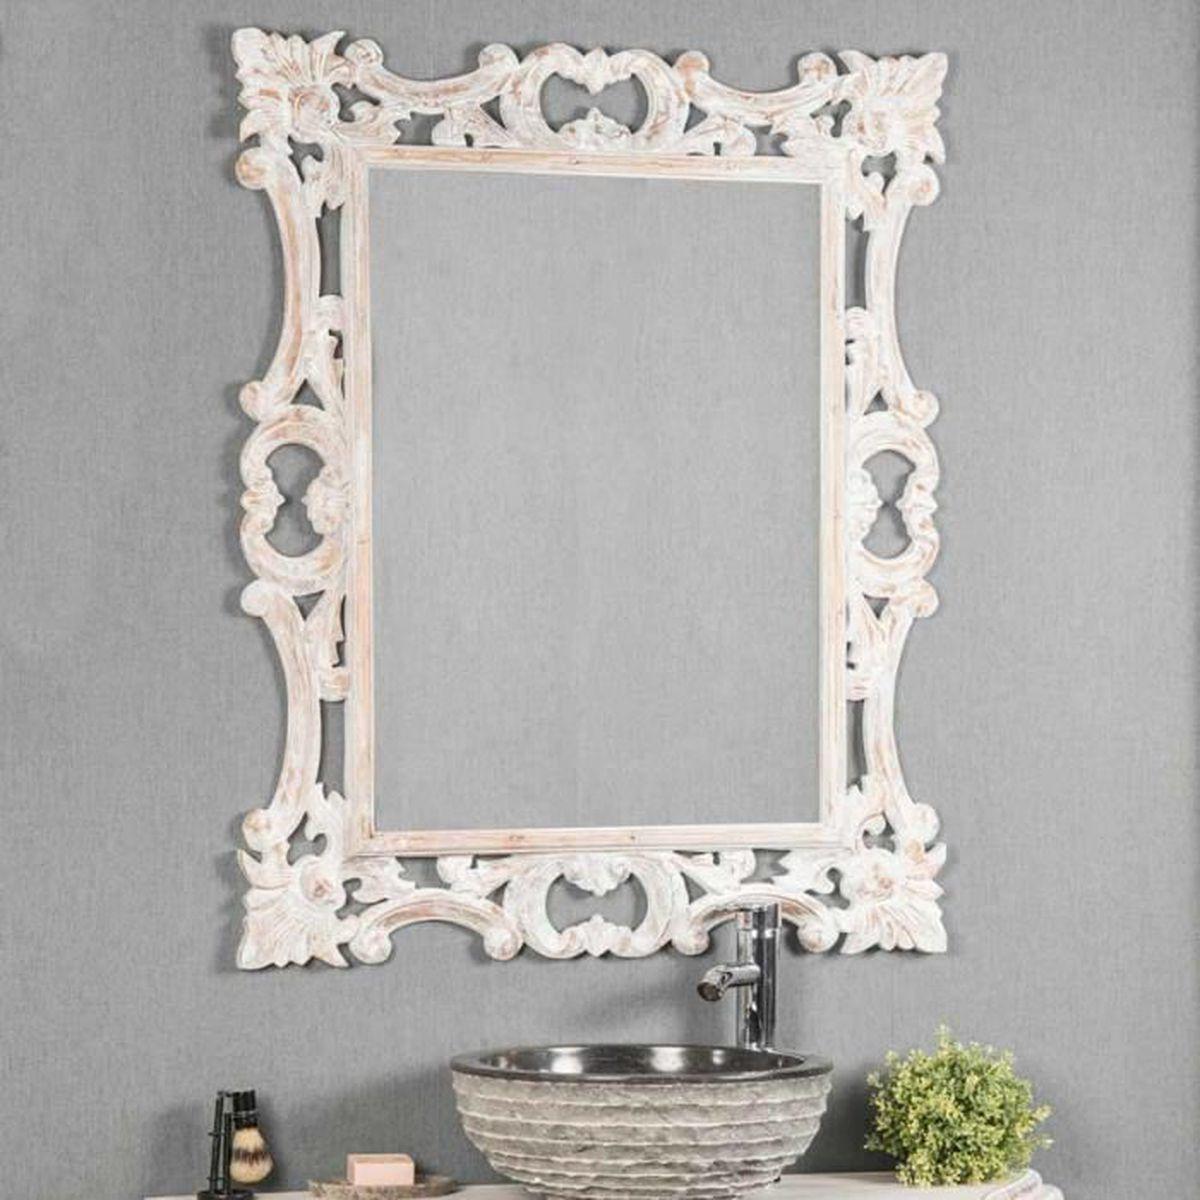 salle de bain baroque cool meuble de salle de bain new baroque composition feuille or with. Black Bedroom Furniture Sets. Home Design Ideas